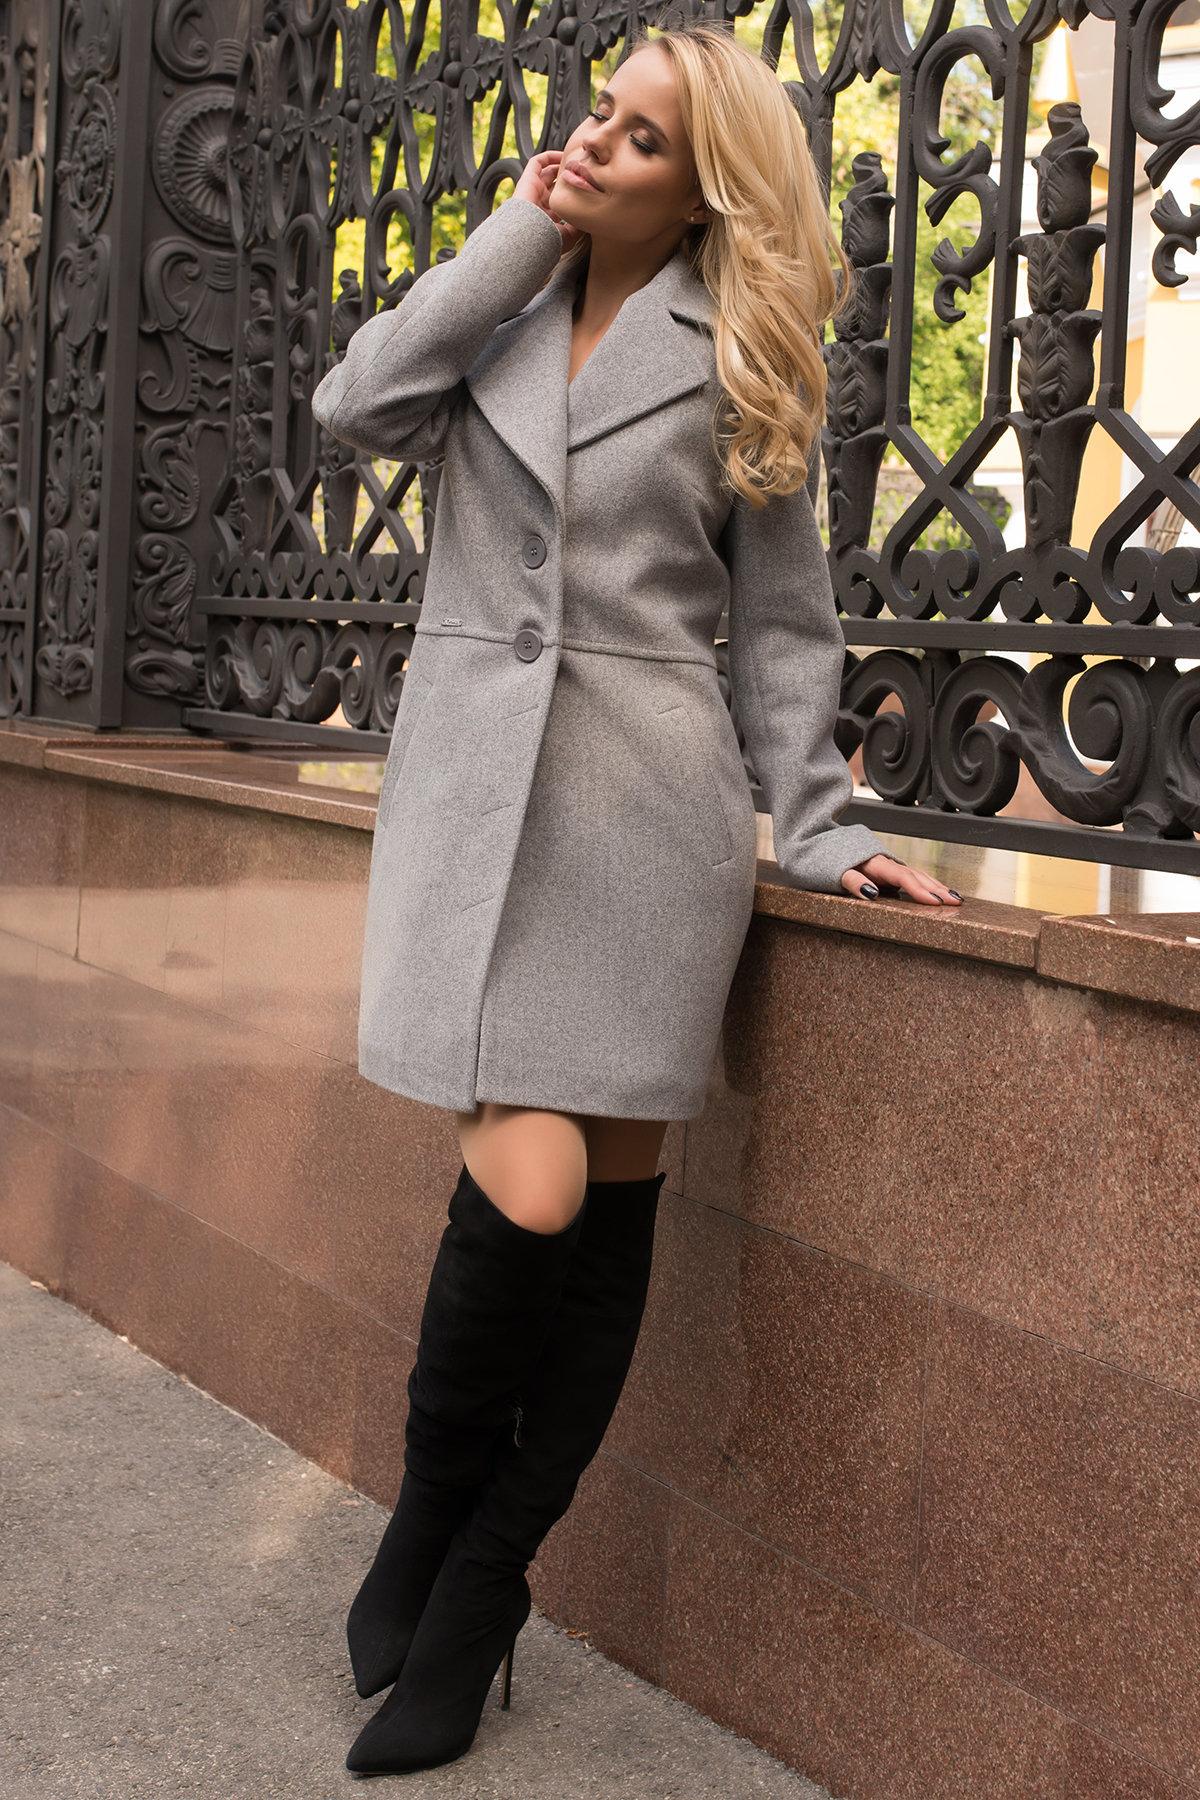 Элегантное демисезонное пальто выше колена Габриэлла 7825 АРТ. 43713 Цвет: Серый 49 - фото 2, интернет магазин tm-modus.ru